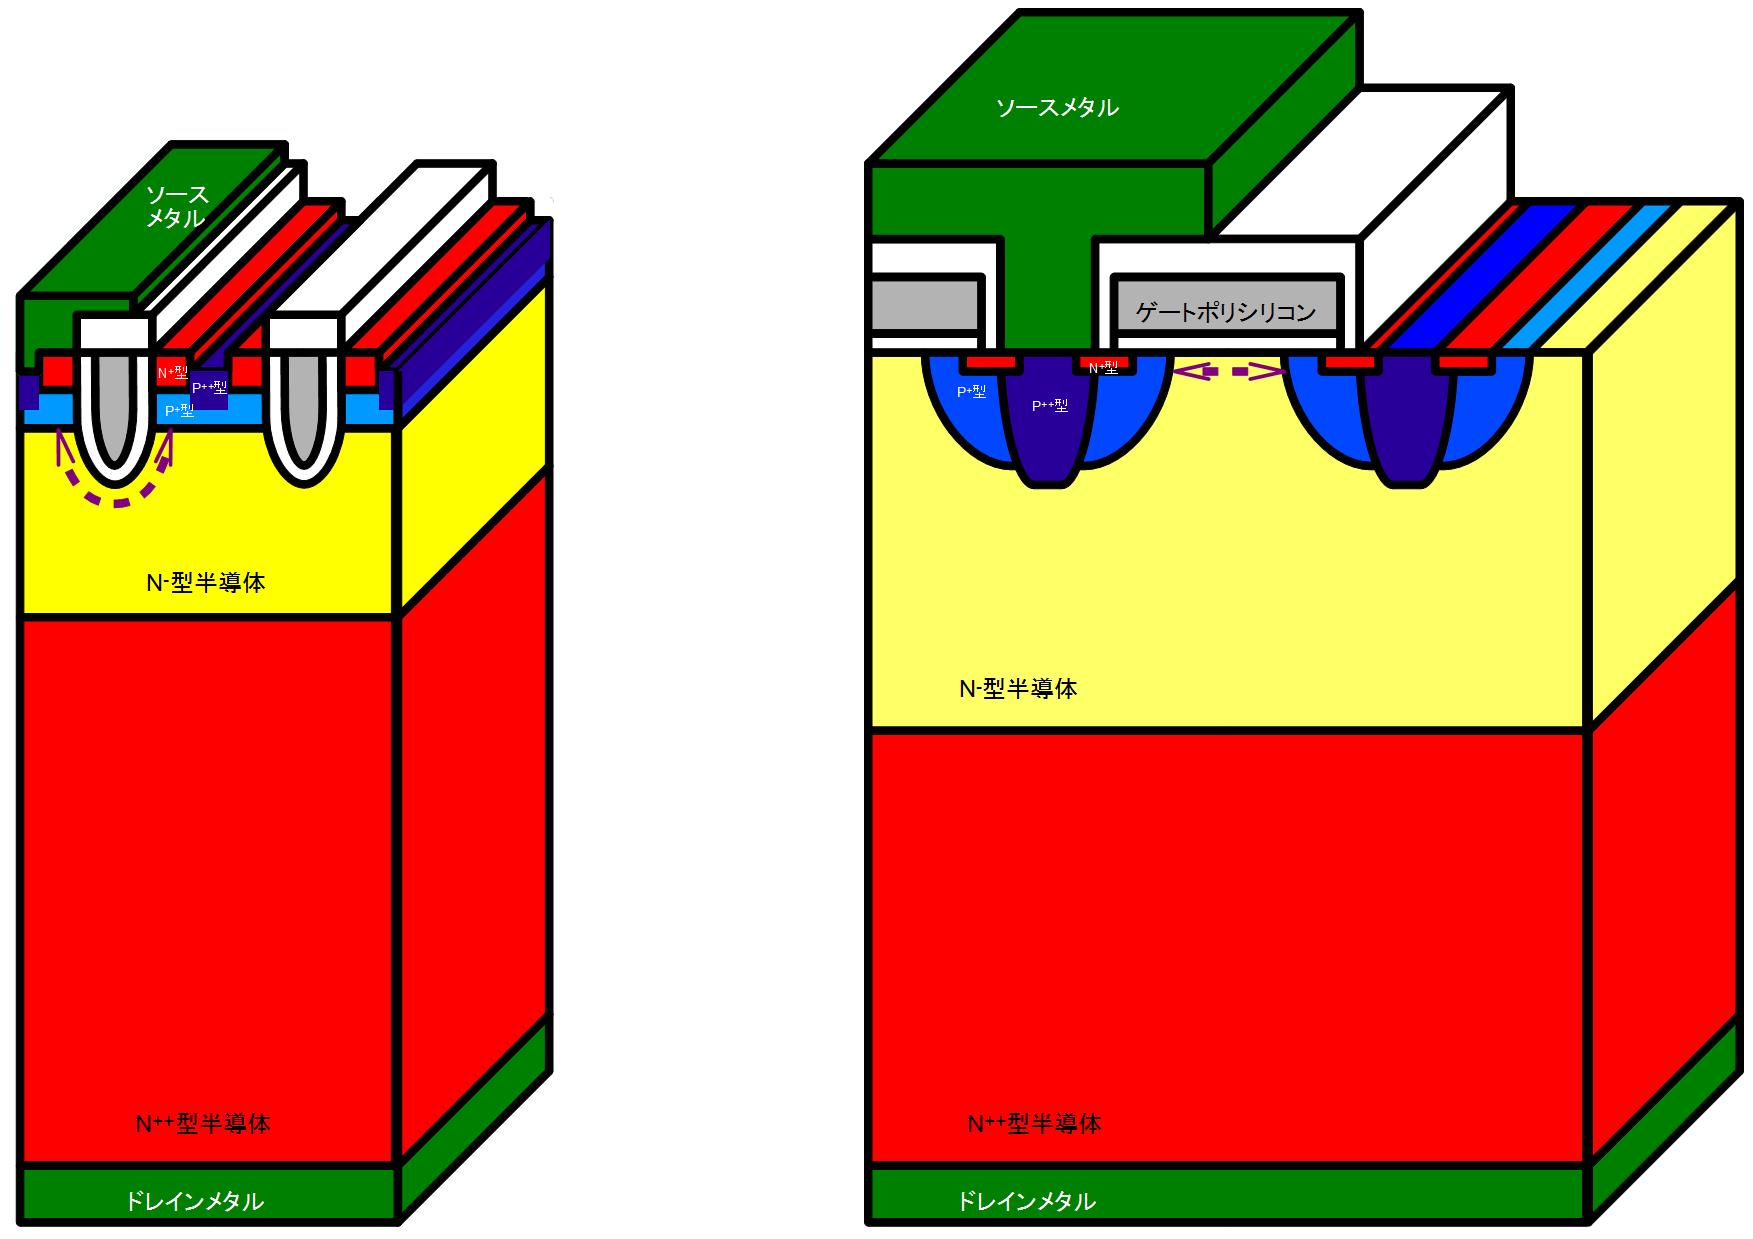 パワーMOSFETのスイッチング速度(2) - 非力な人のためのパワー半導体入門